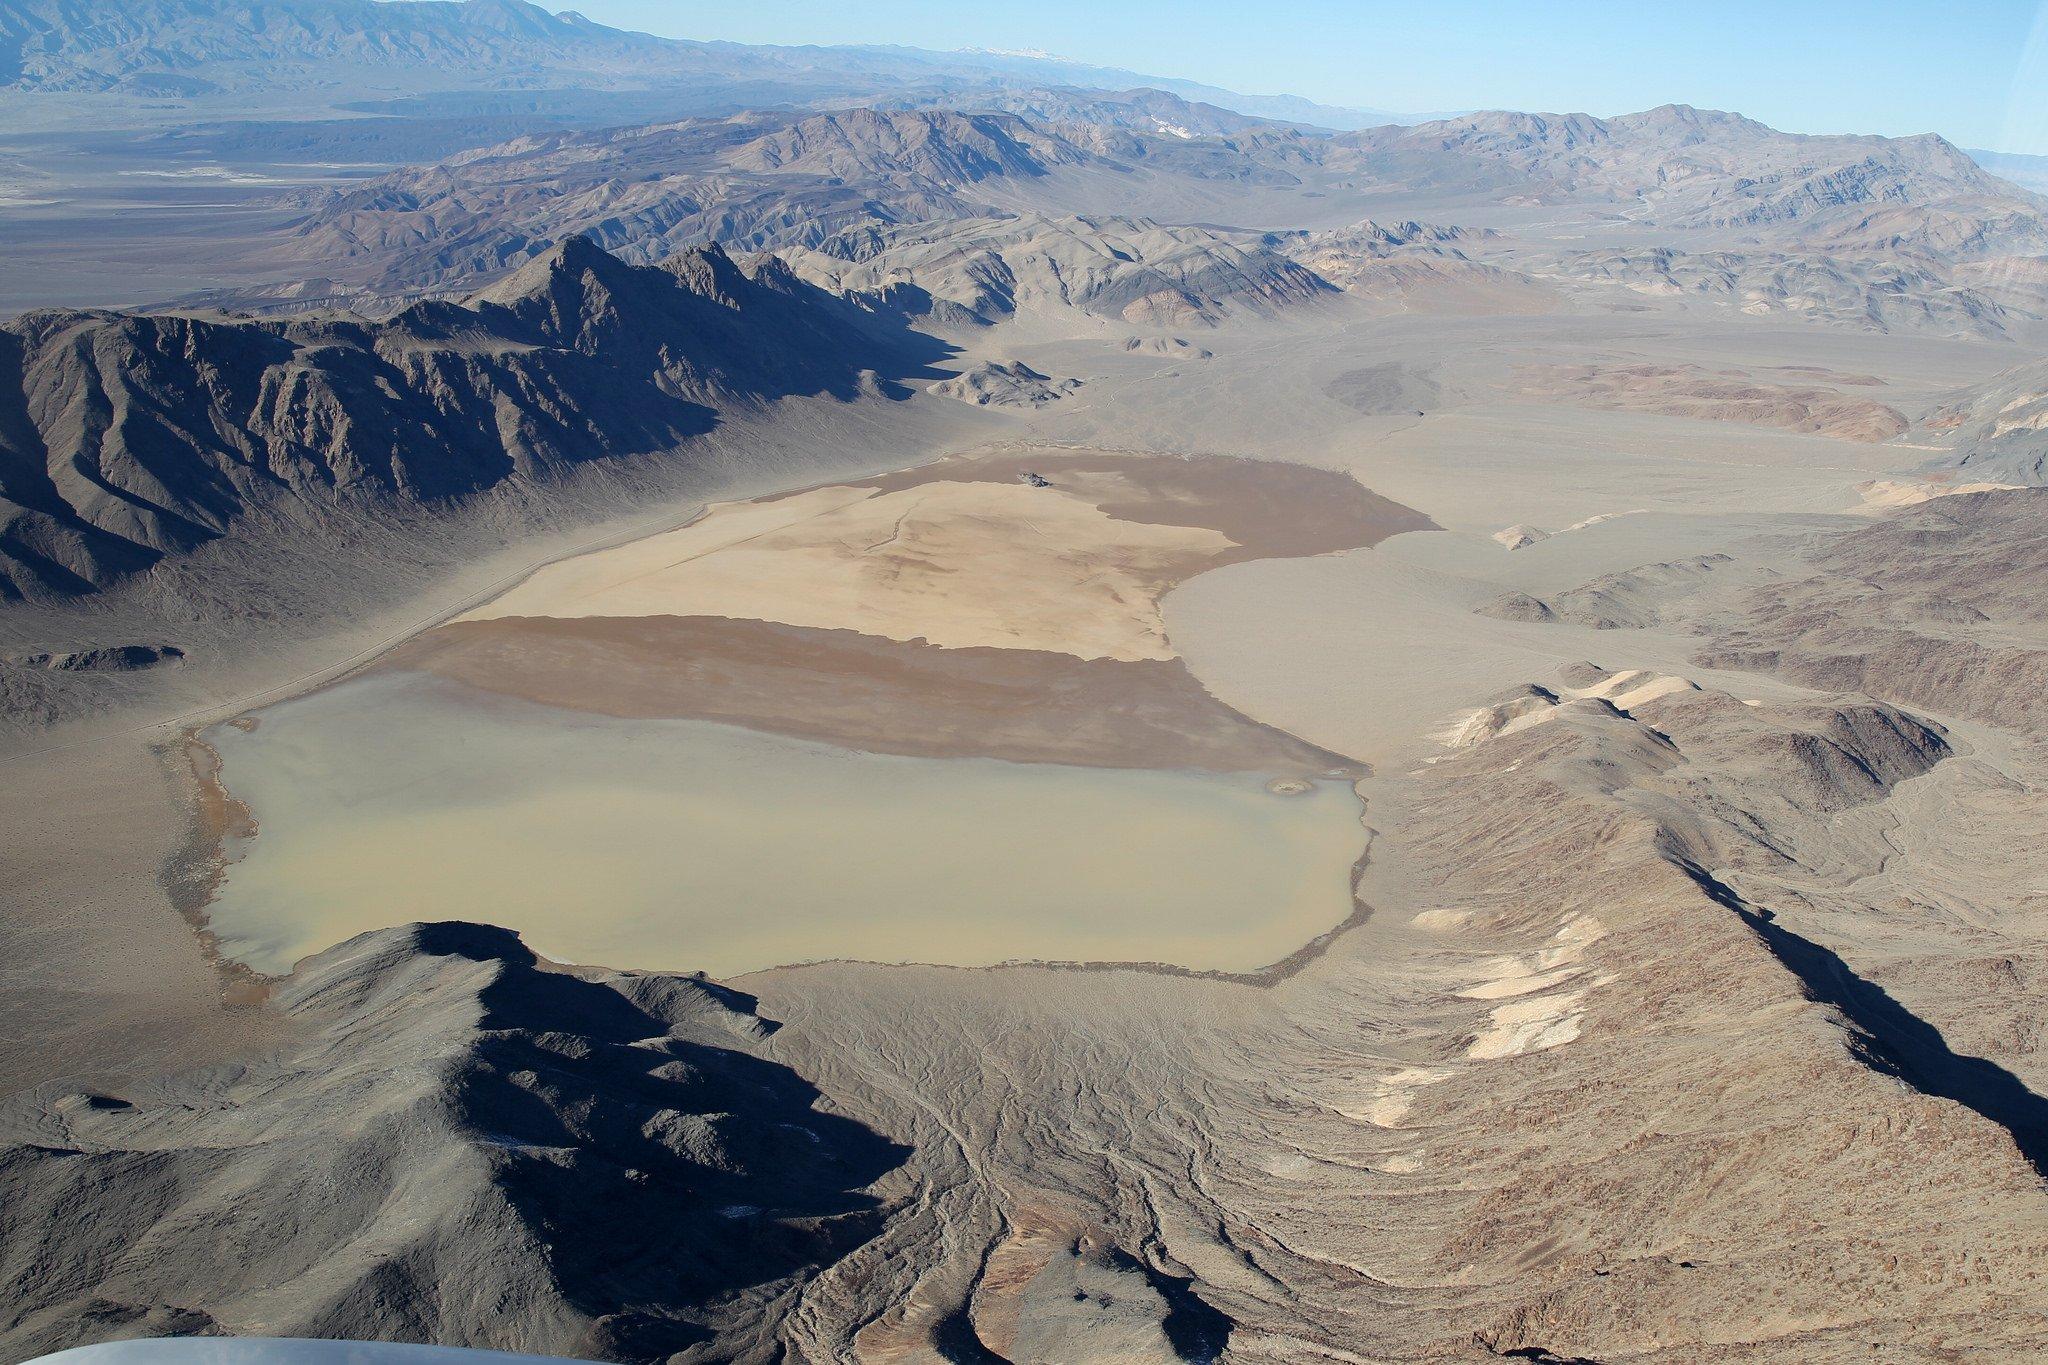 Das Death Valley aus dem Flugzeug gesehen: Die Forscher desScripps Institution of Oceanography in San Diego haben das Rätsel gelöst, wie sich selbst schwerste Steine im Death Valley bis zu sechs Meter pro Minute bewegen können.